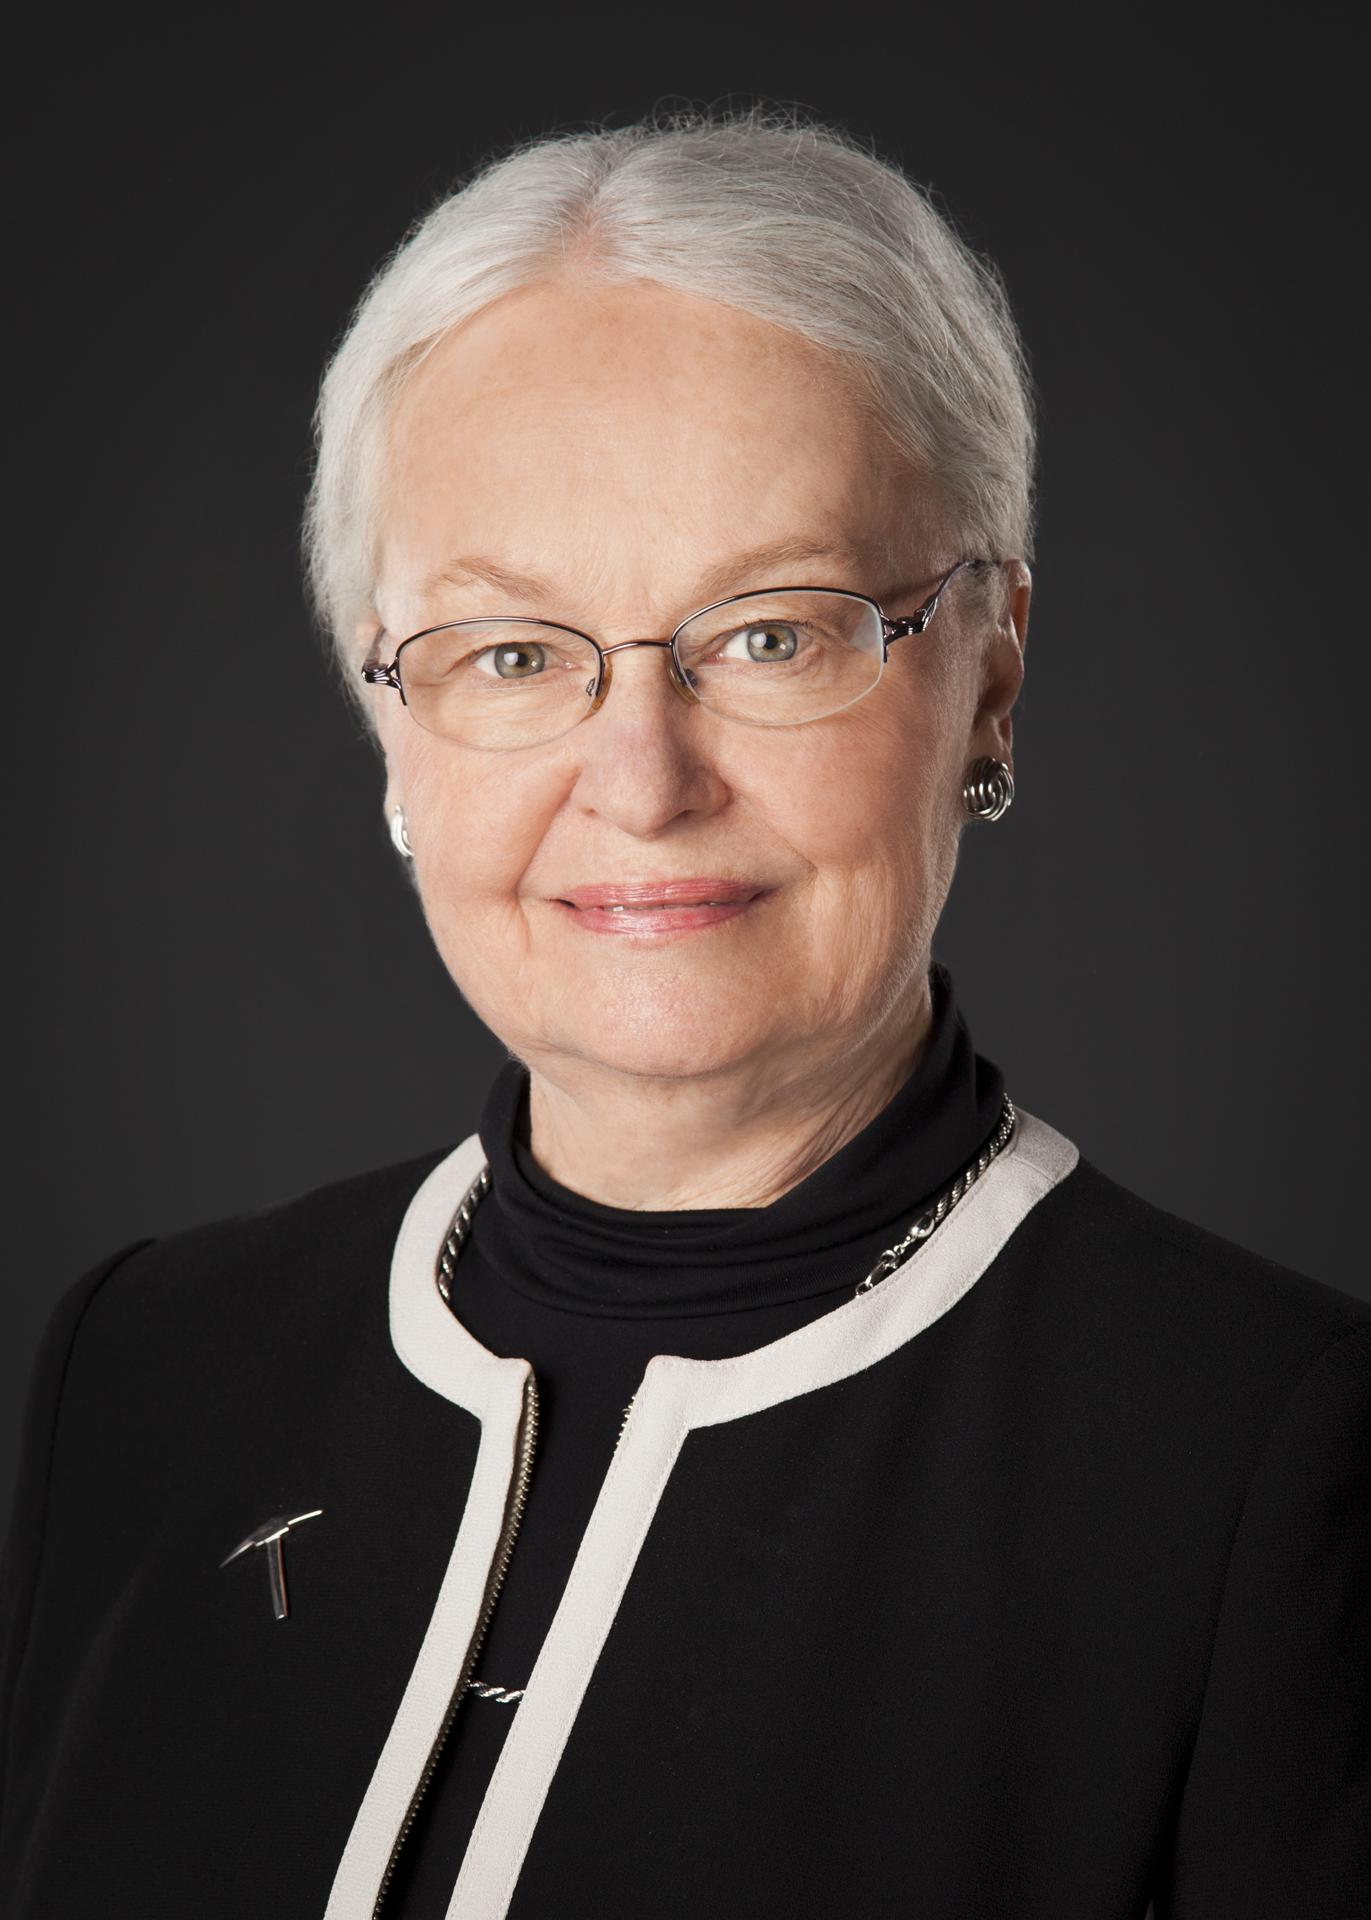 Dr. Diana Natalicio